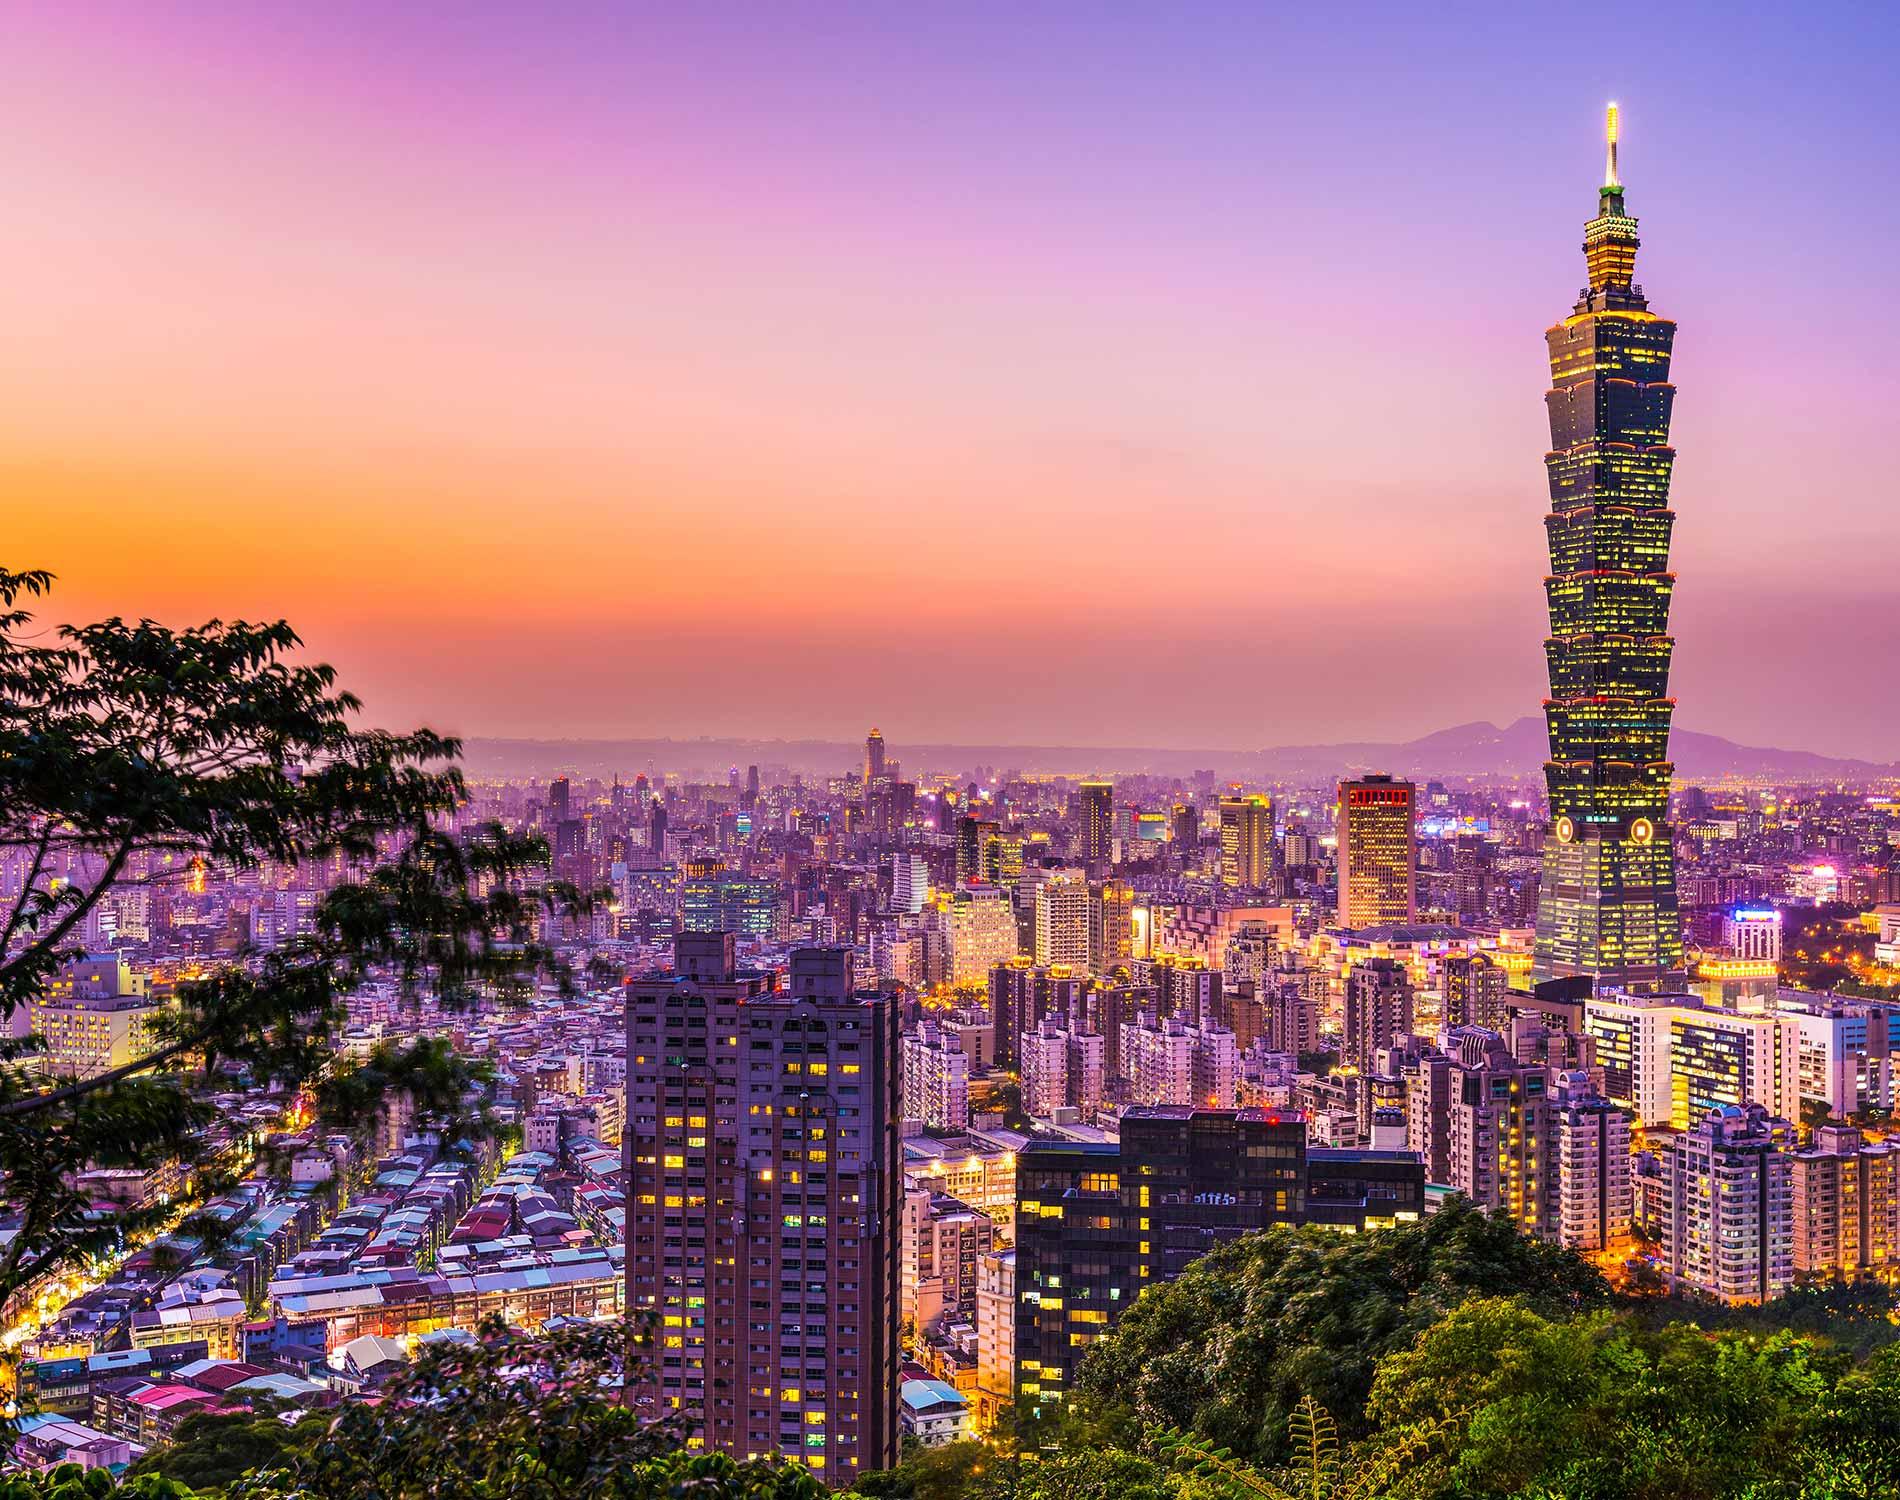 Taipei_City_1900x1500px-1502188796.jpg